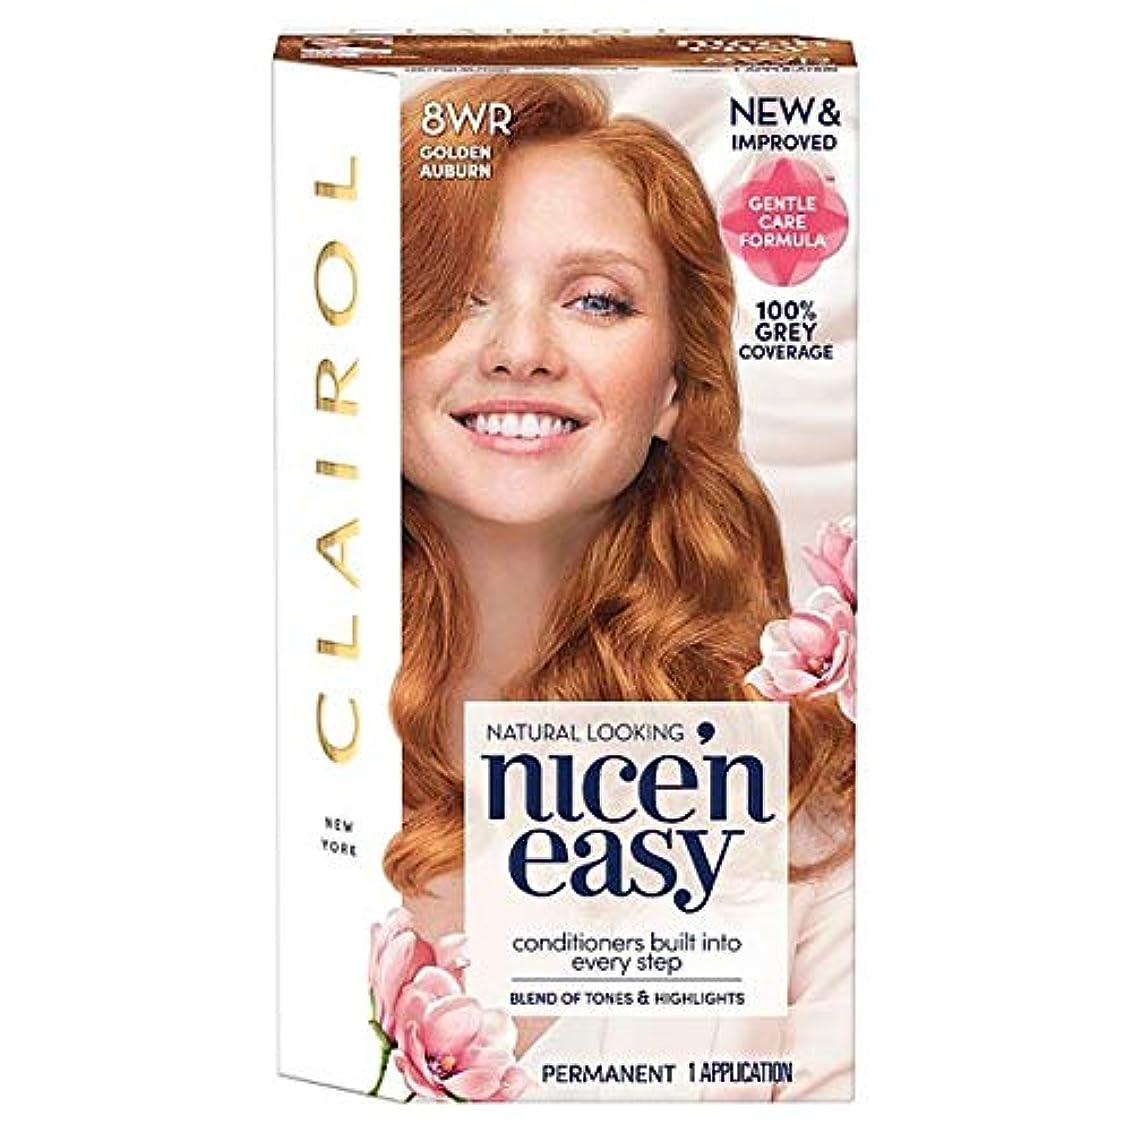 舌なアンドリューハリディシリング[Nice'n Easy] クレイロール素敵な「N簡単黄金赤褐色8Wr染毛剤 - Clairol Nice 'N Easy Golden Auburn 8Wr Hair Dye [並行輸入品]